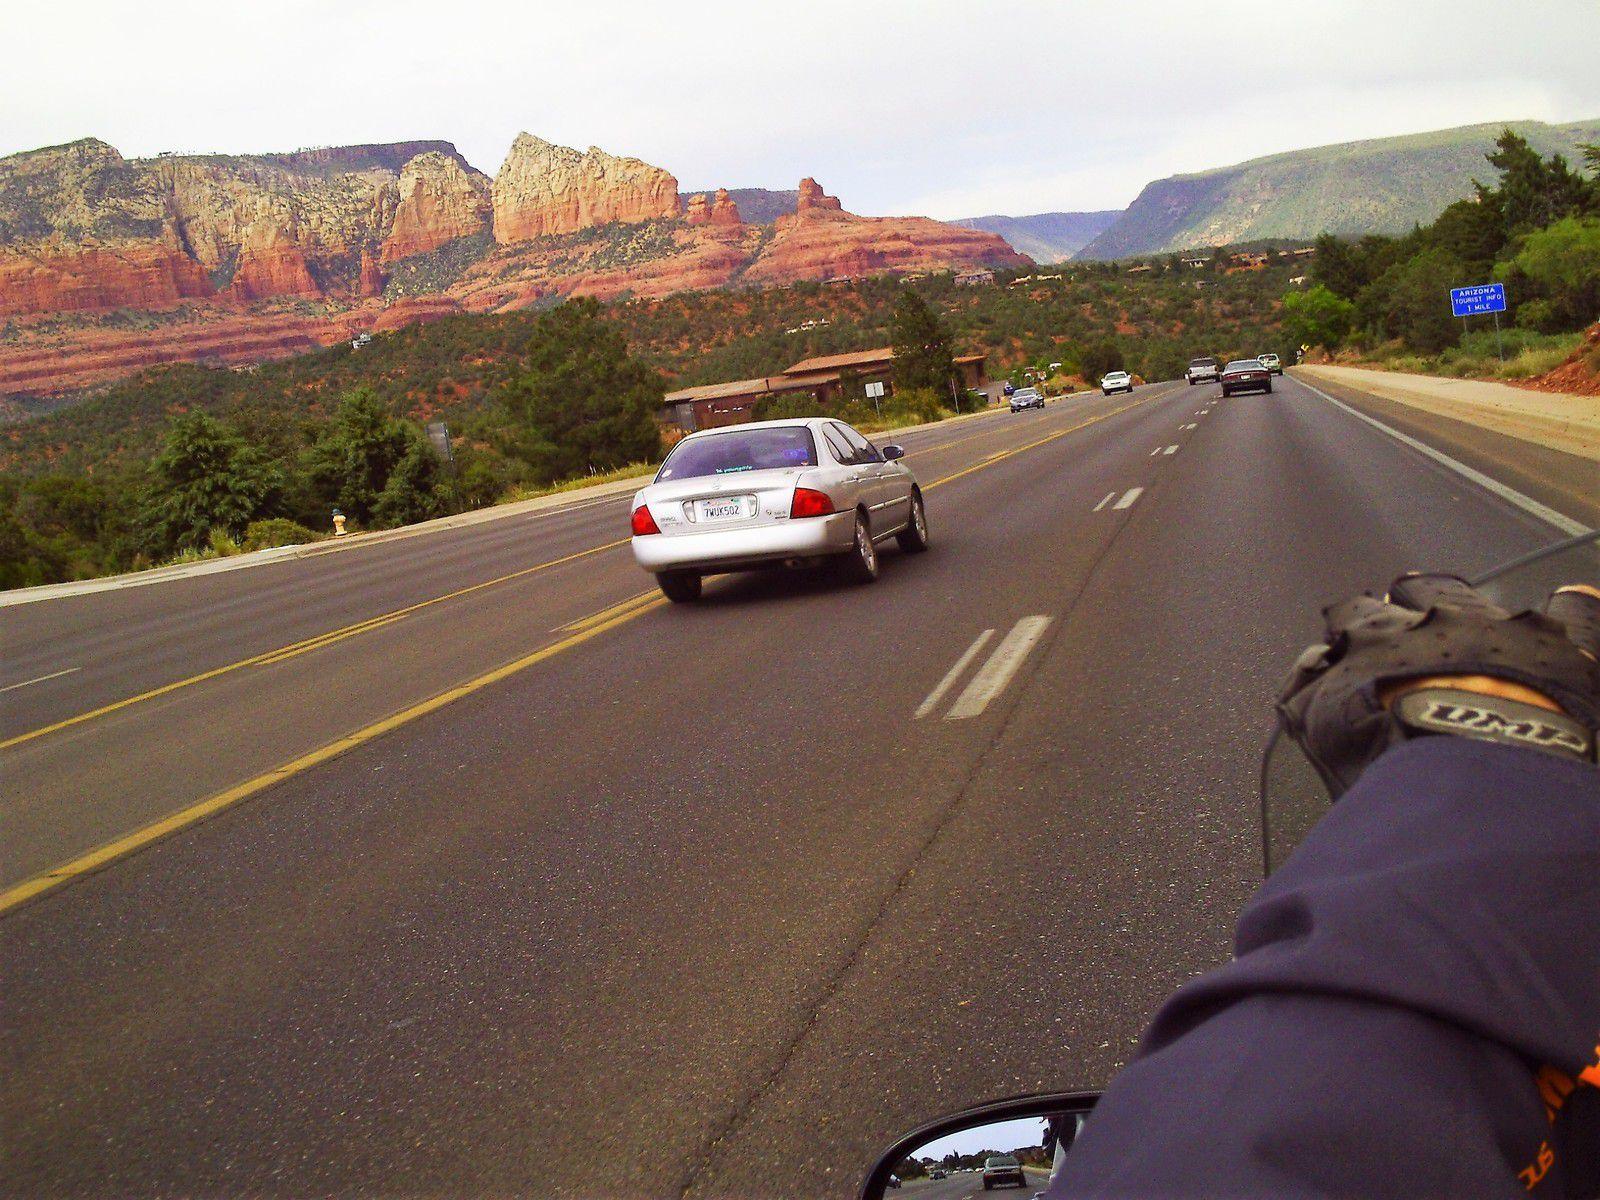 Goldwing Unsersbande - Un couple et une moto dans le Wild West américain 04 jour -  Prescott, Jerome, Sedona et Flagstaff